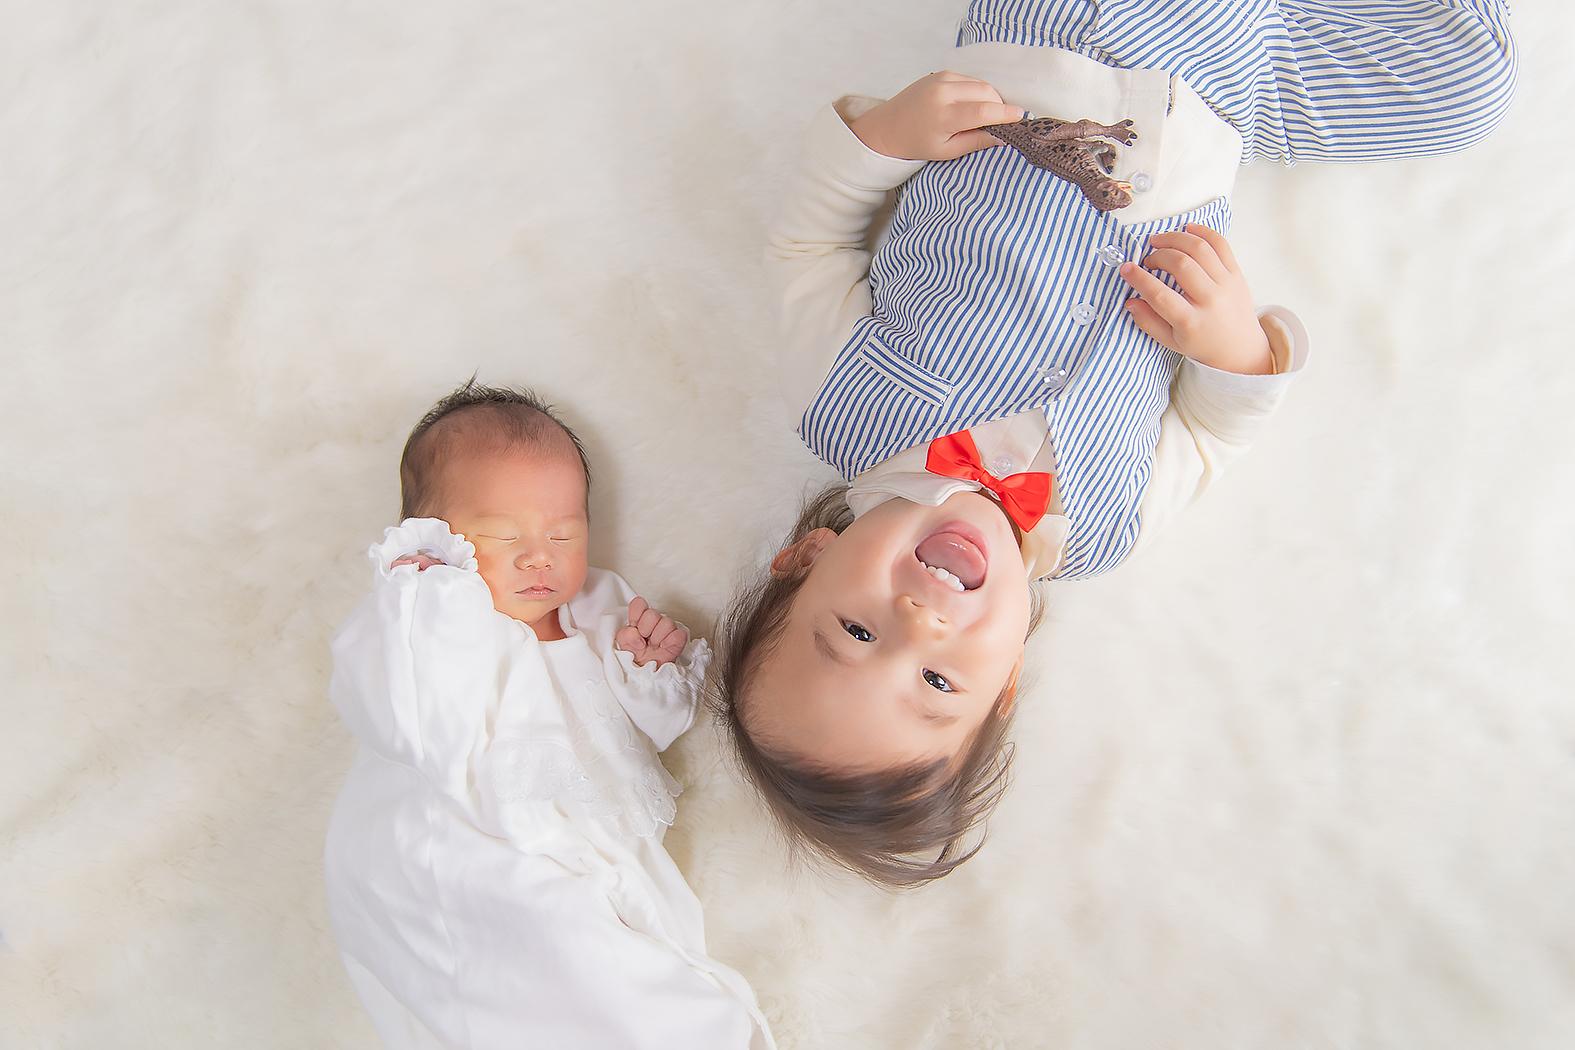 ニューボーンフォト 新生児 赤ちゃん